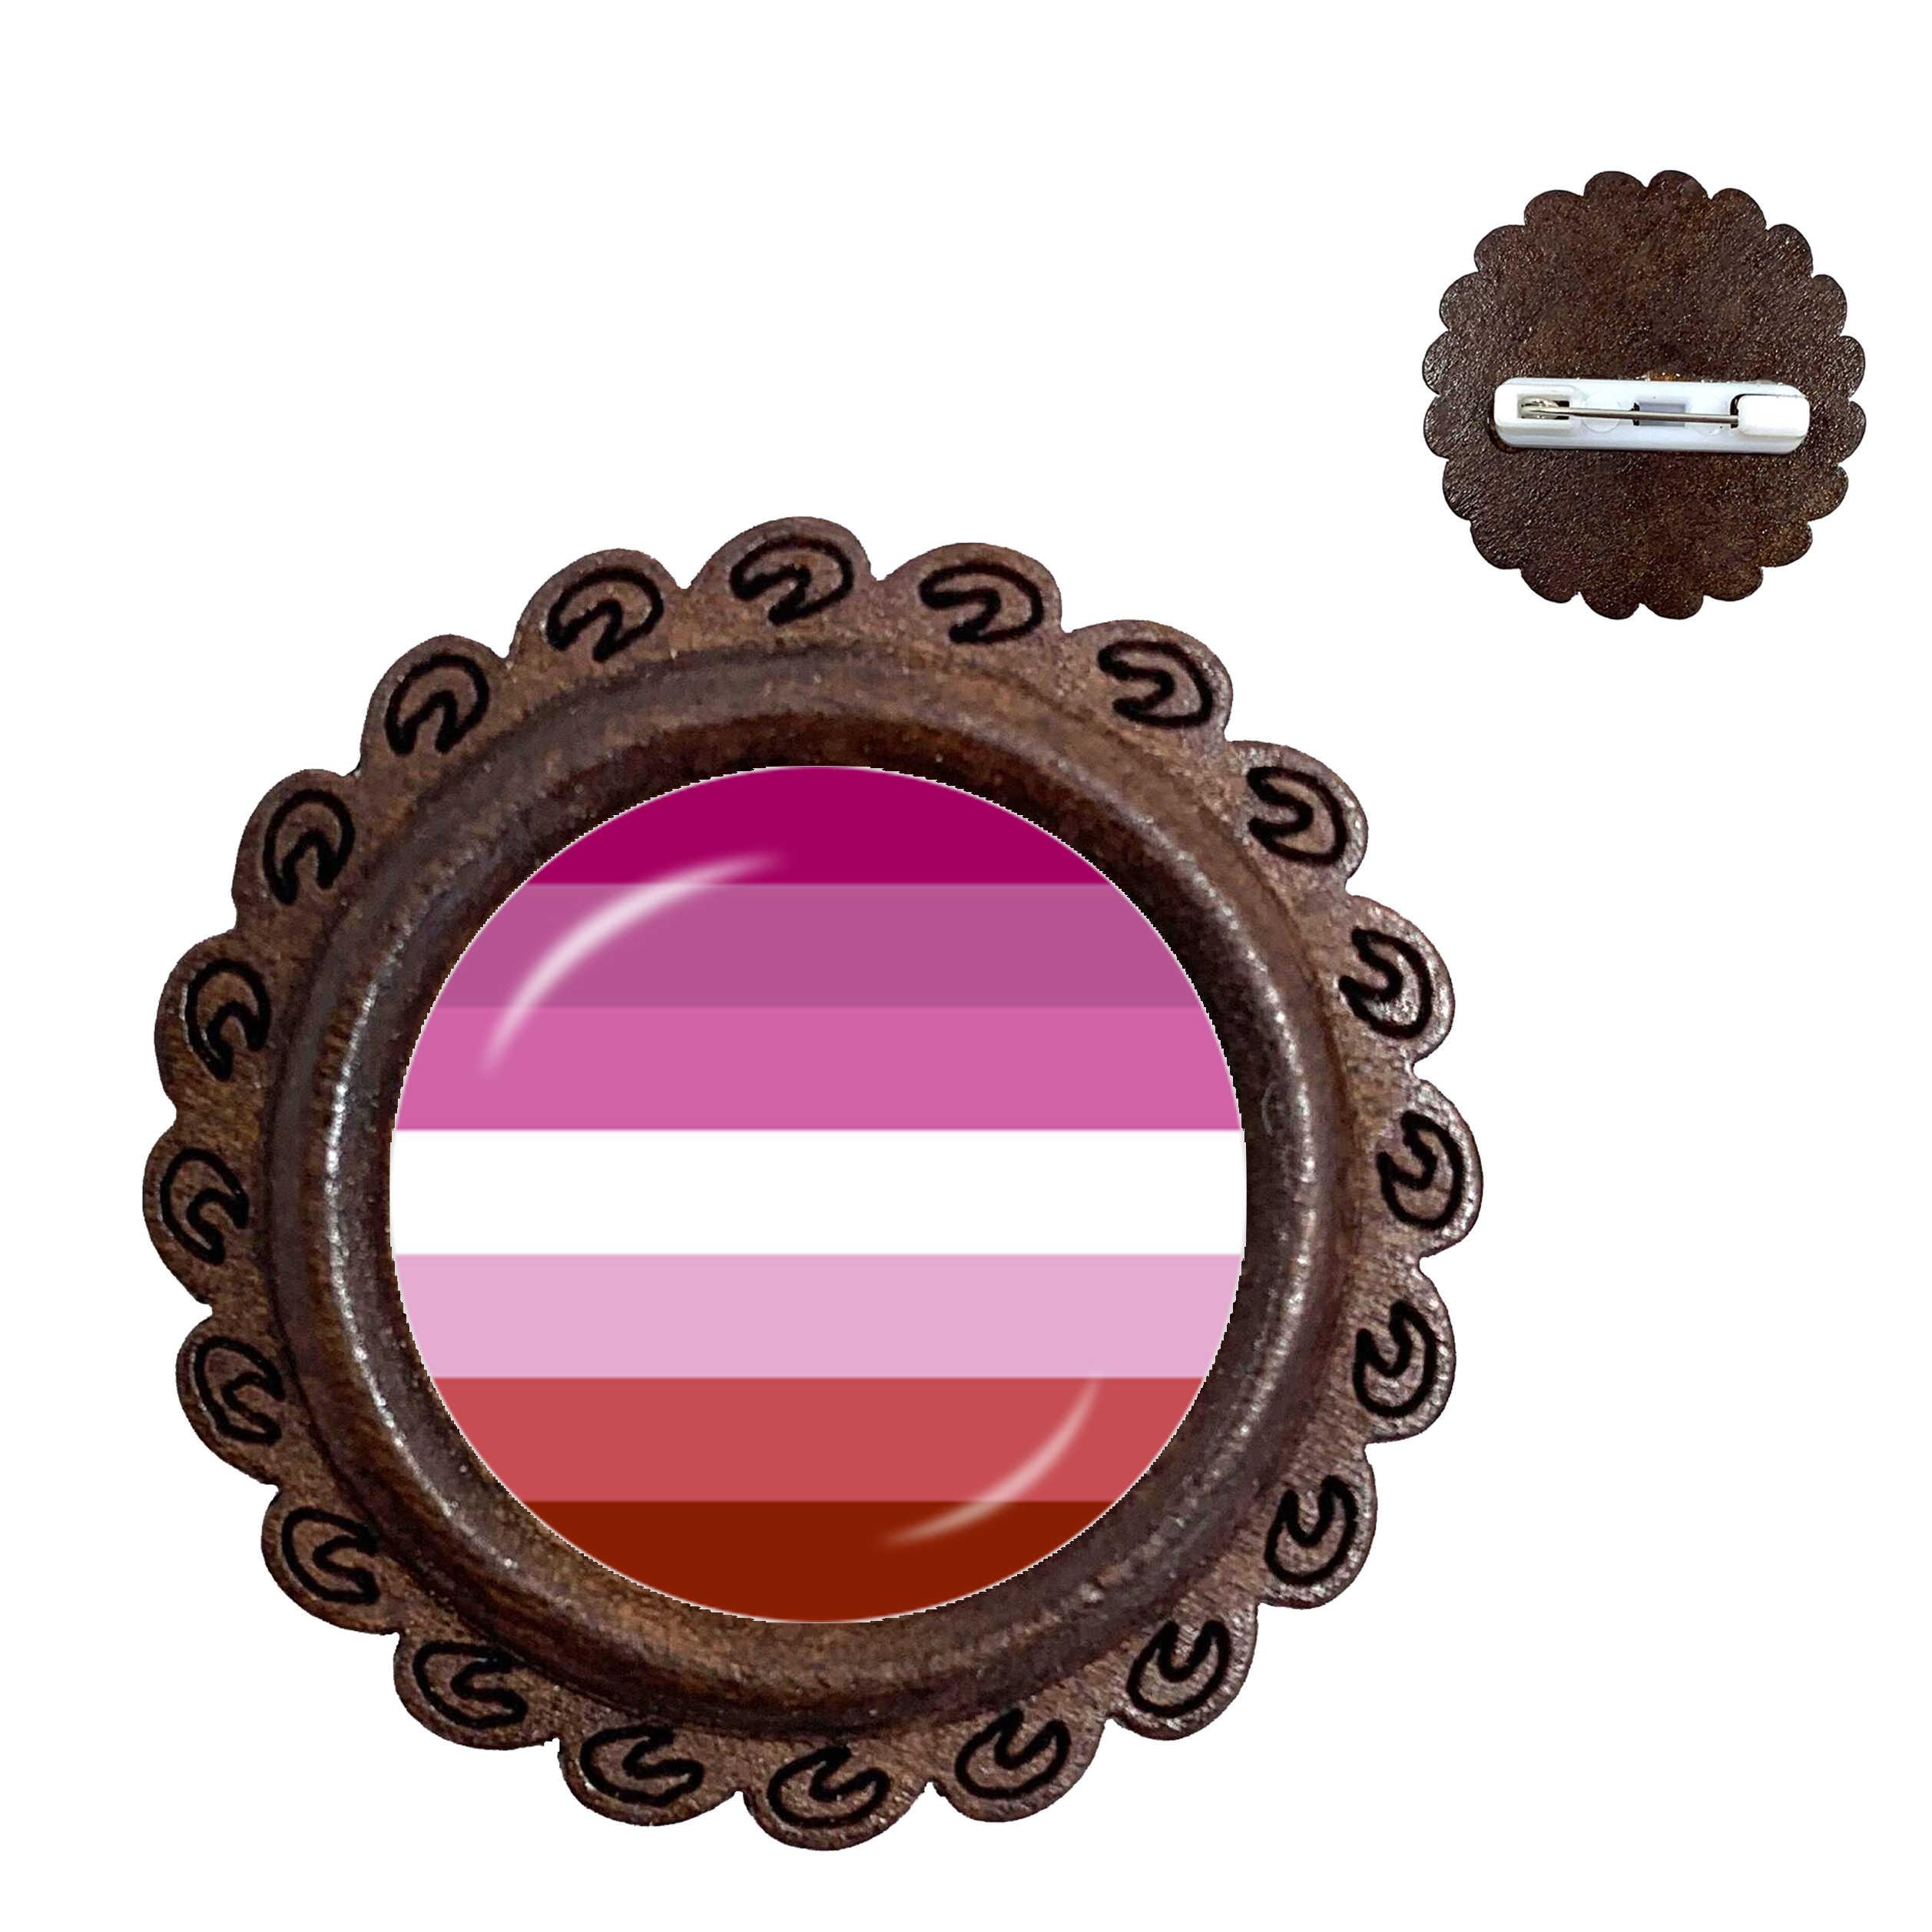 LGBT Rainbow Ronde Hout Broche Voor Vrouwen Mannen Mode Liefhebbers Sieraden Gay Pride Bijoux Accessoires Kraag Pins Gift